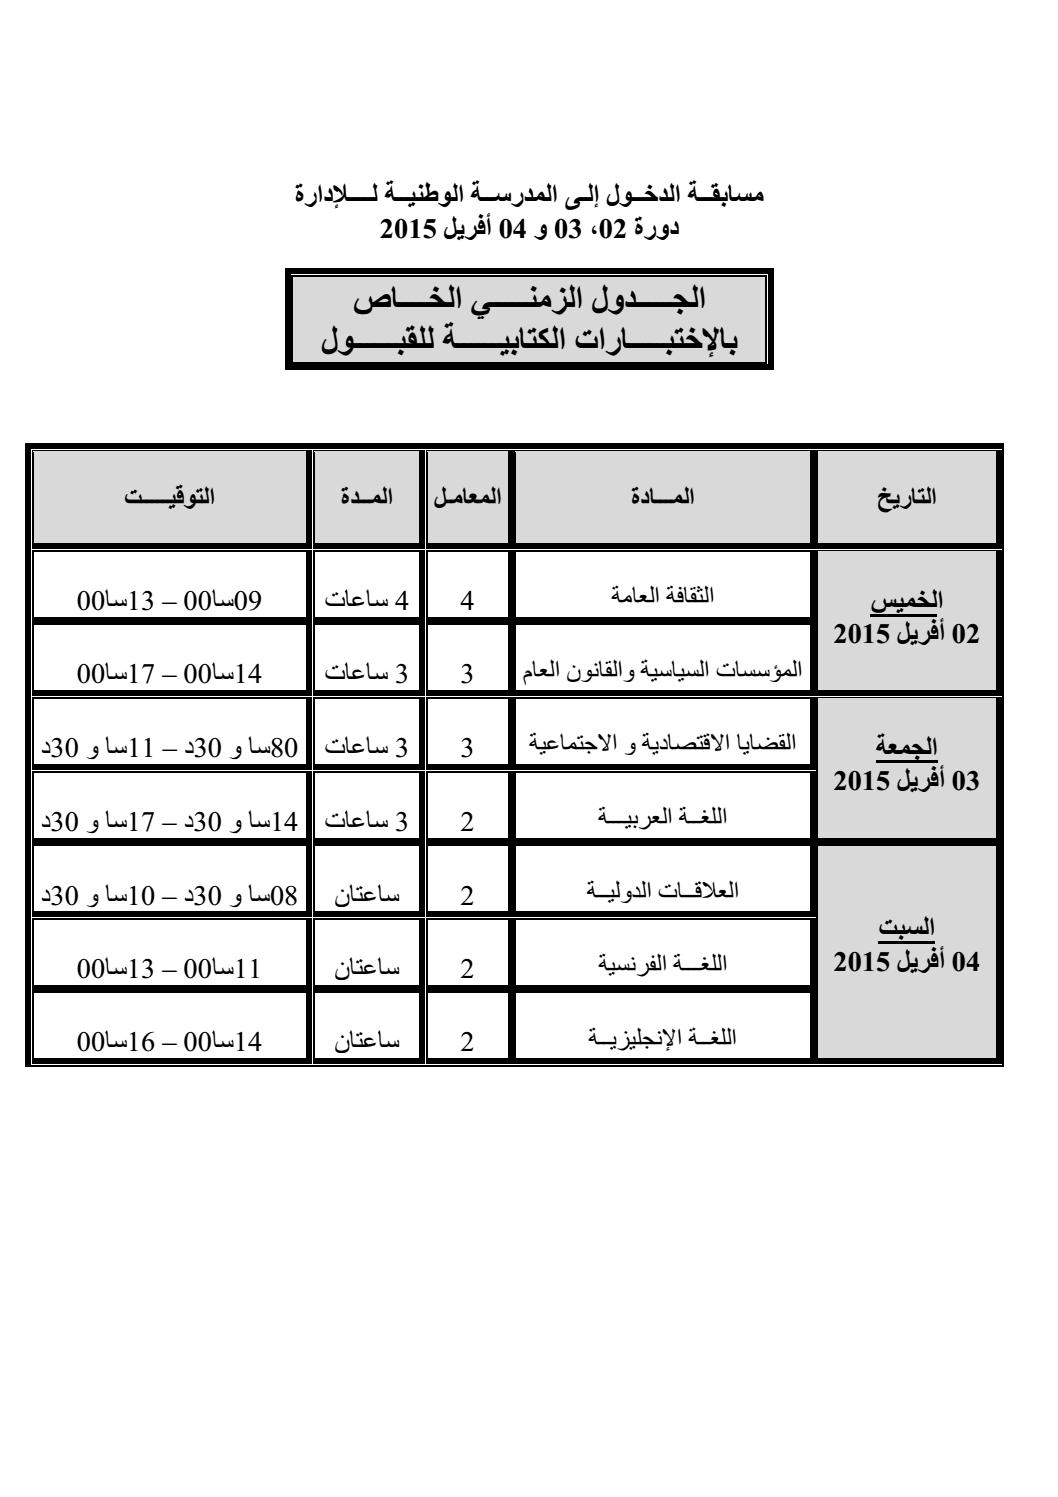 الجدول الزمني الخاص بالإختبارات الكتابية والقائمة الإسمية للمترشحين لمسابقة المدرسة الوطنية للإدارة 2015 1.png